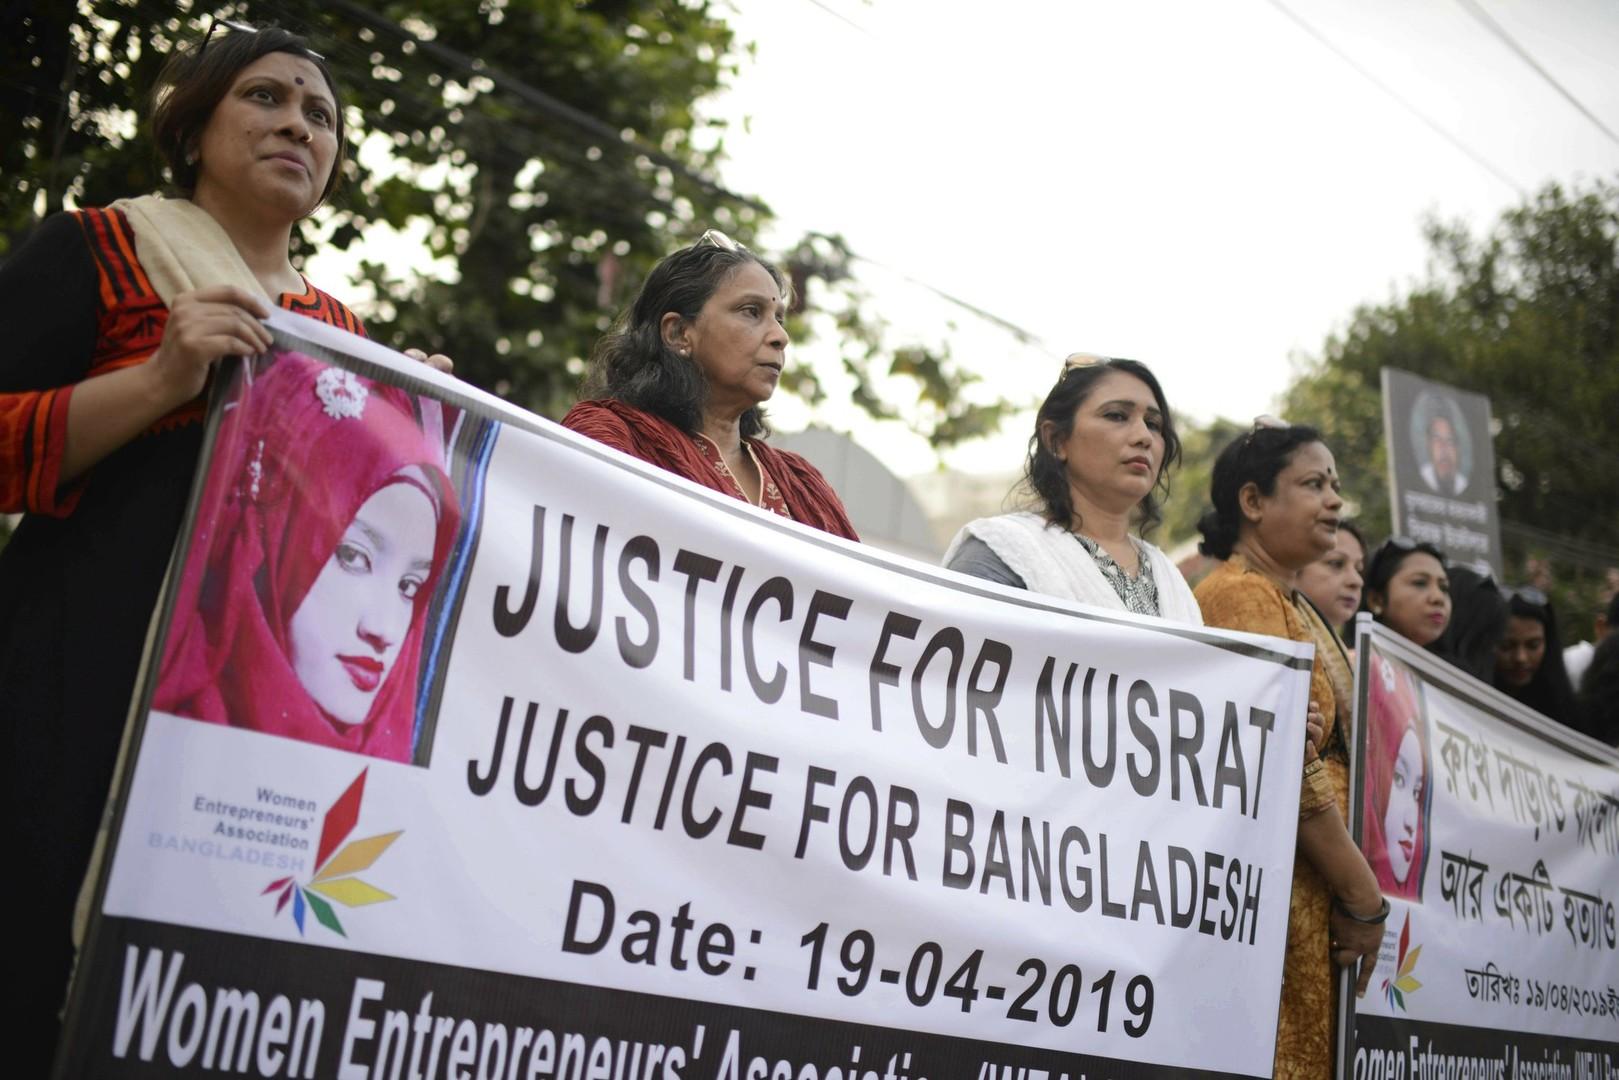 مظاهرات ضد مقتل فتاة بنغلاديشية بإضرام النار فيها